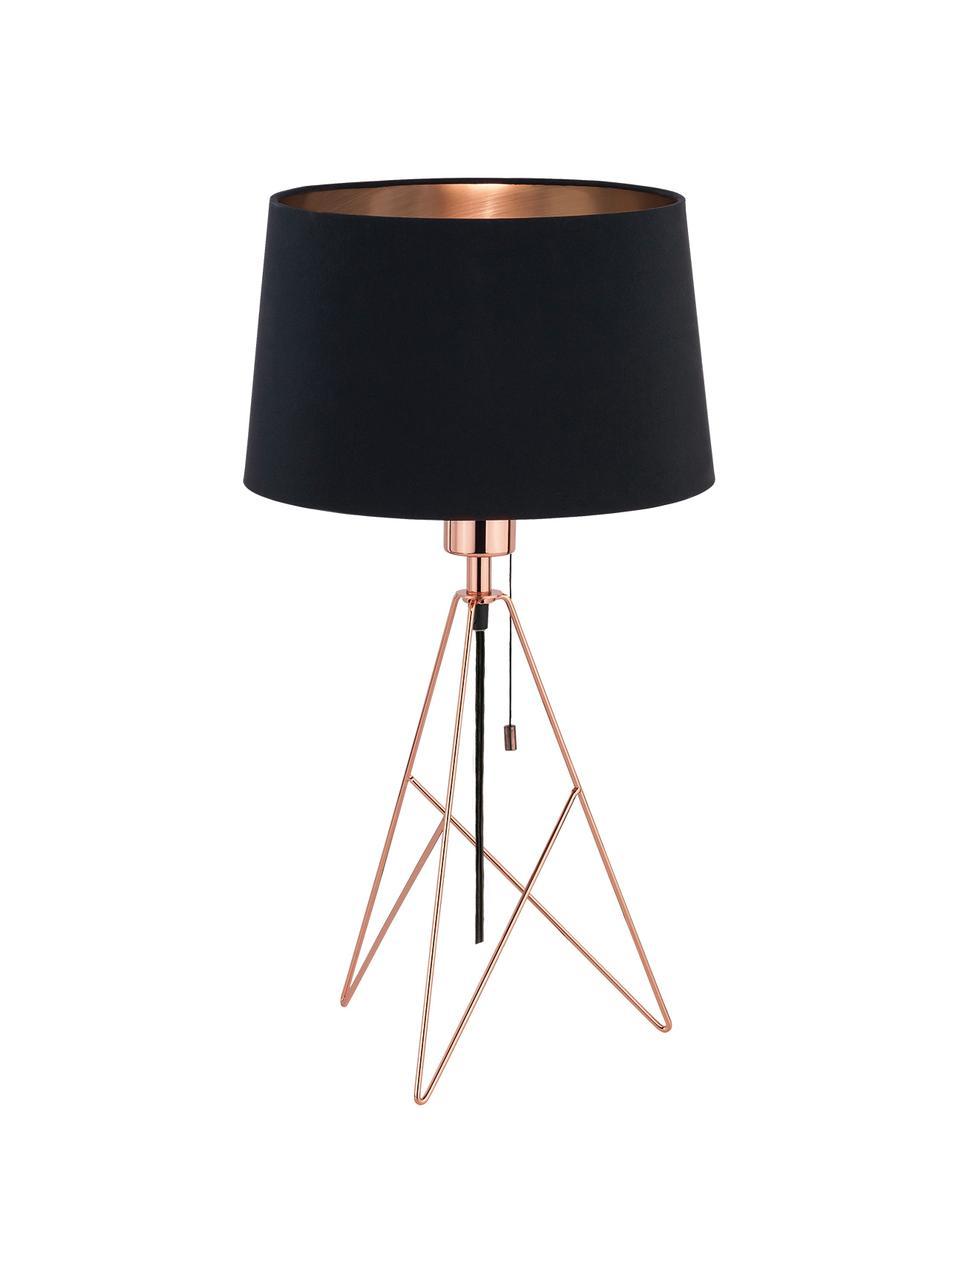 Lampada da tavolo nera in rame Camporale, Base della lampada: acciaio, verniciato, Nero, colori rame, Ø 30 x Alt. 56 cm